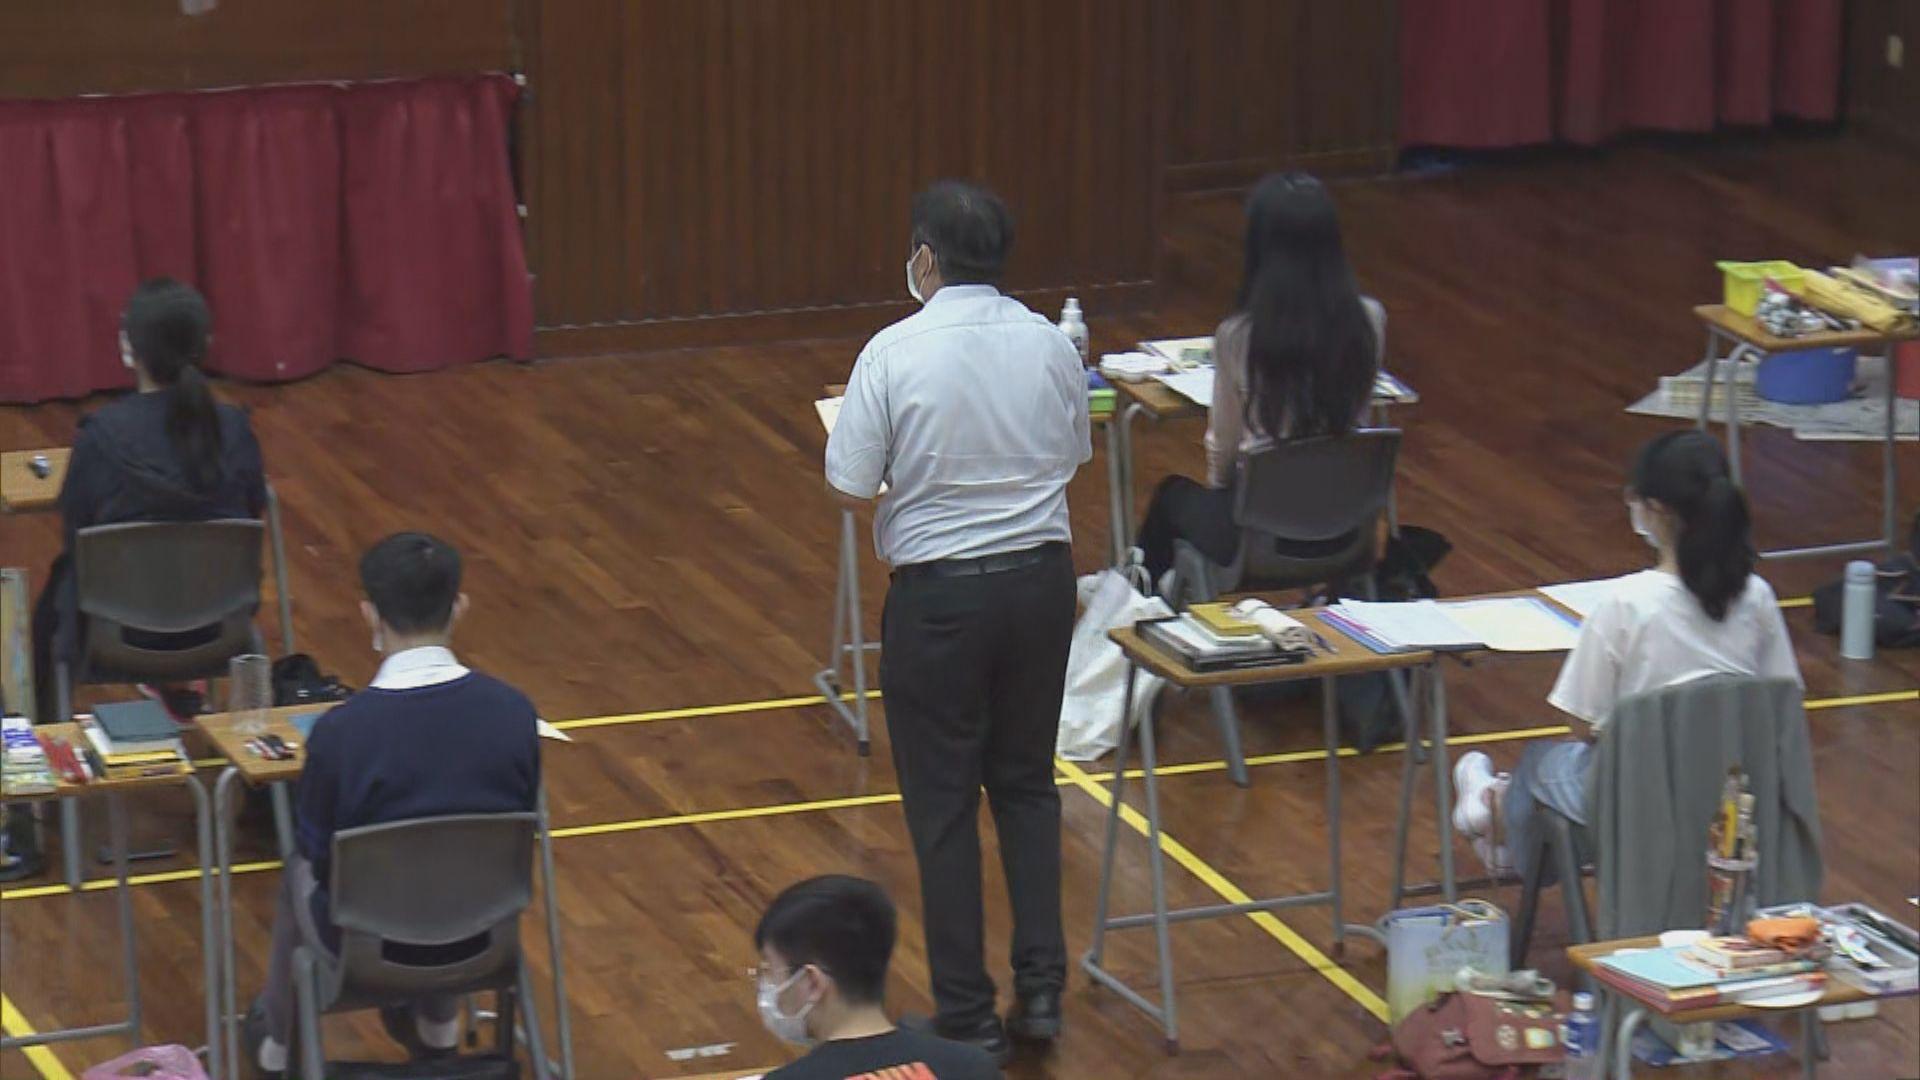 中學文憑試開考 試場分隔考生及上課學生避免交叉感染